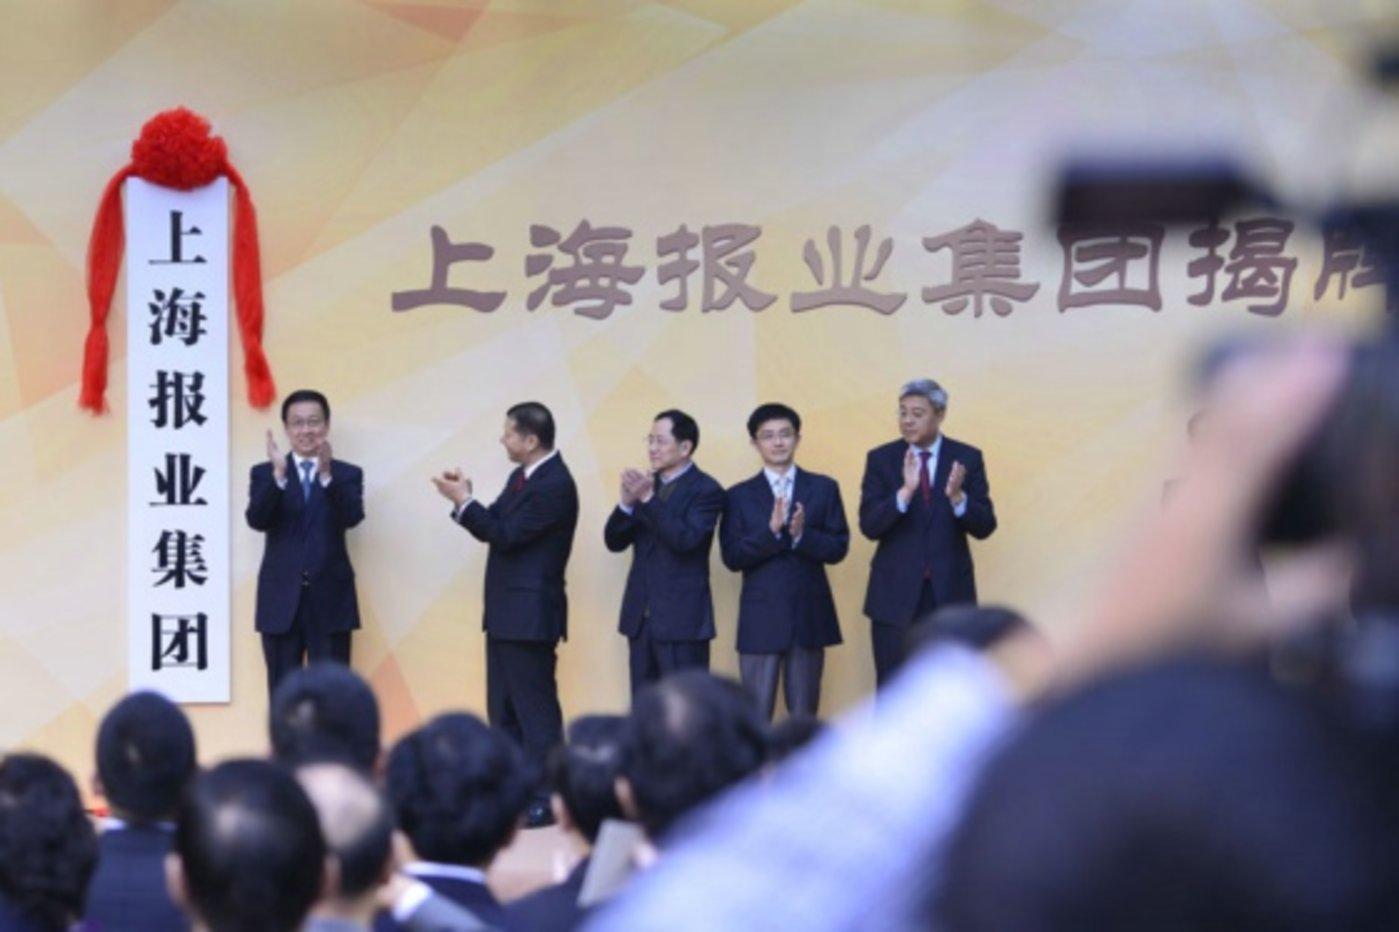 上海报业集团